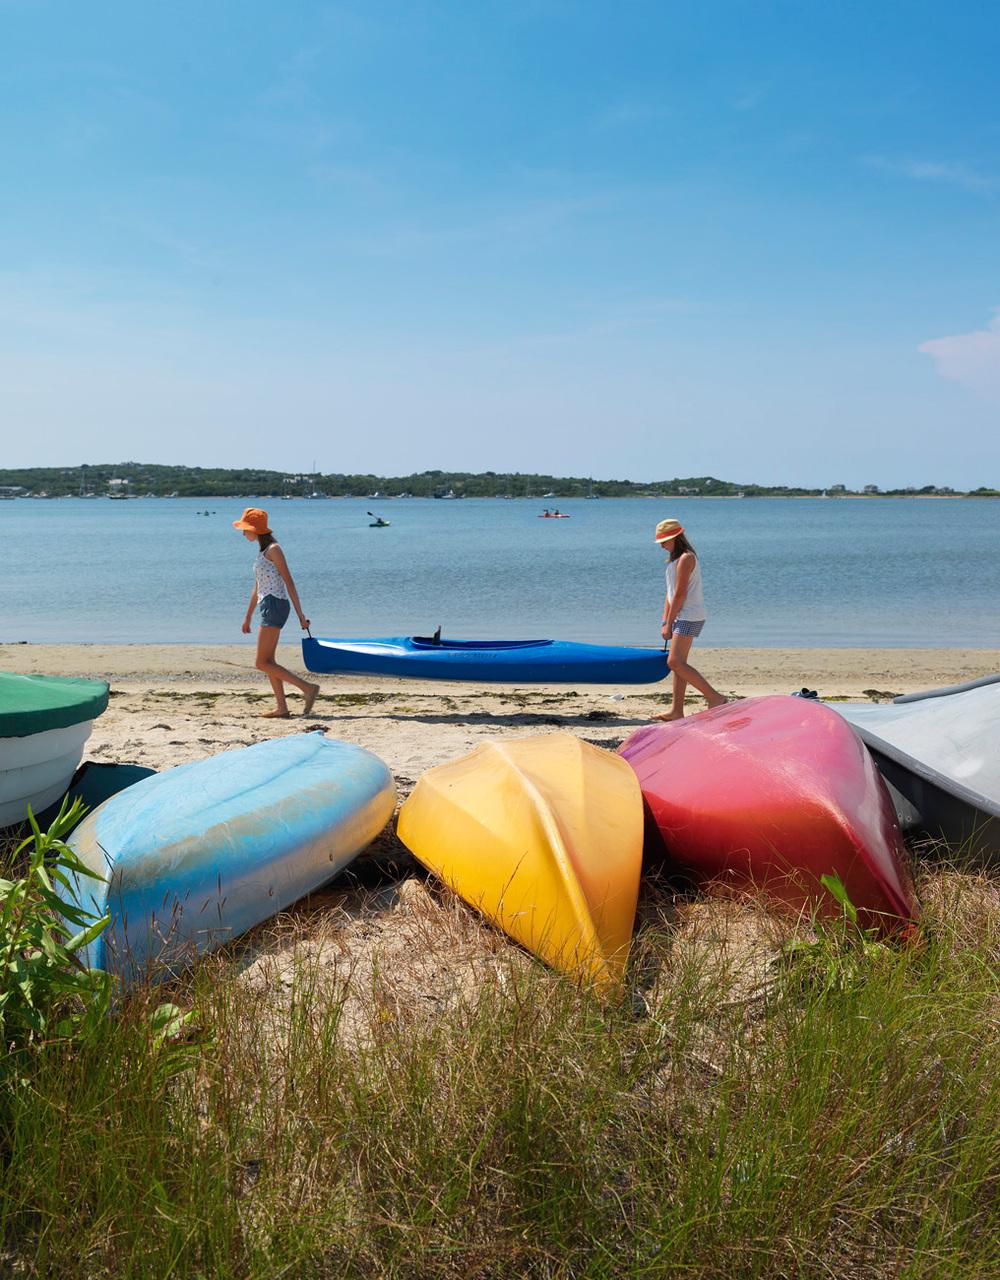 bi 3 kayacs 1jpg